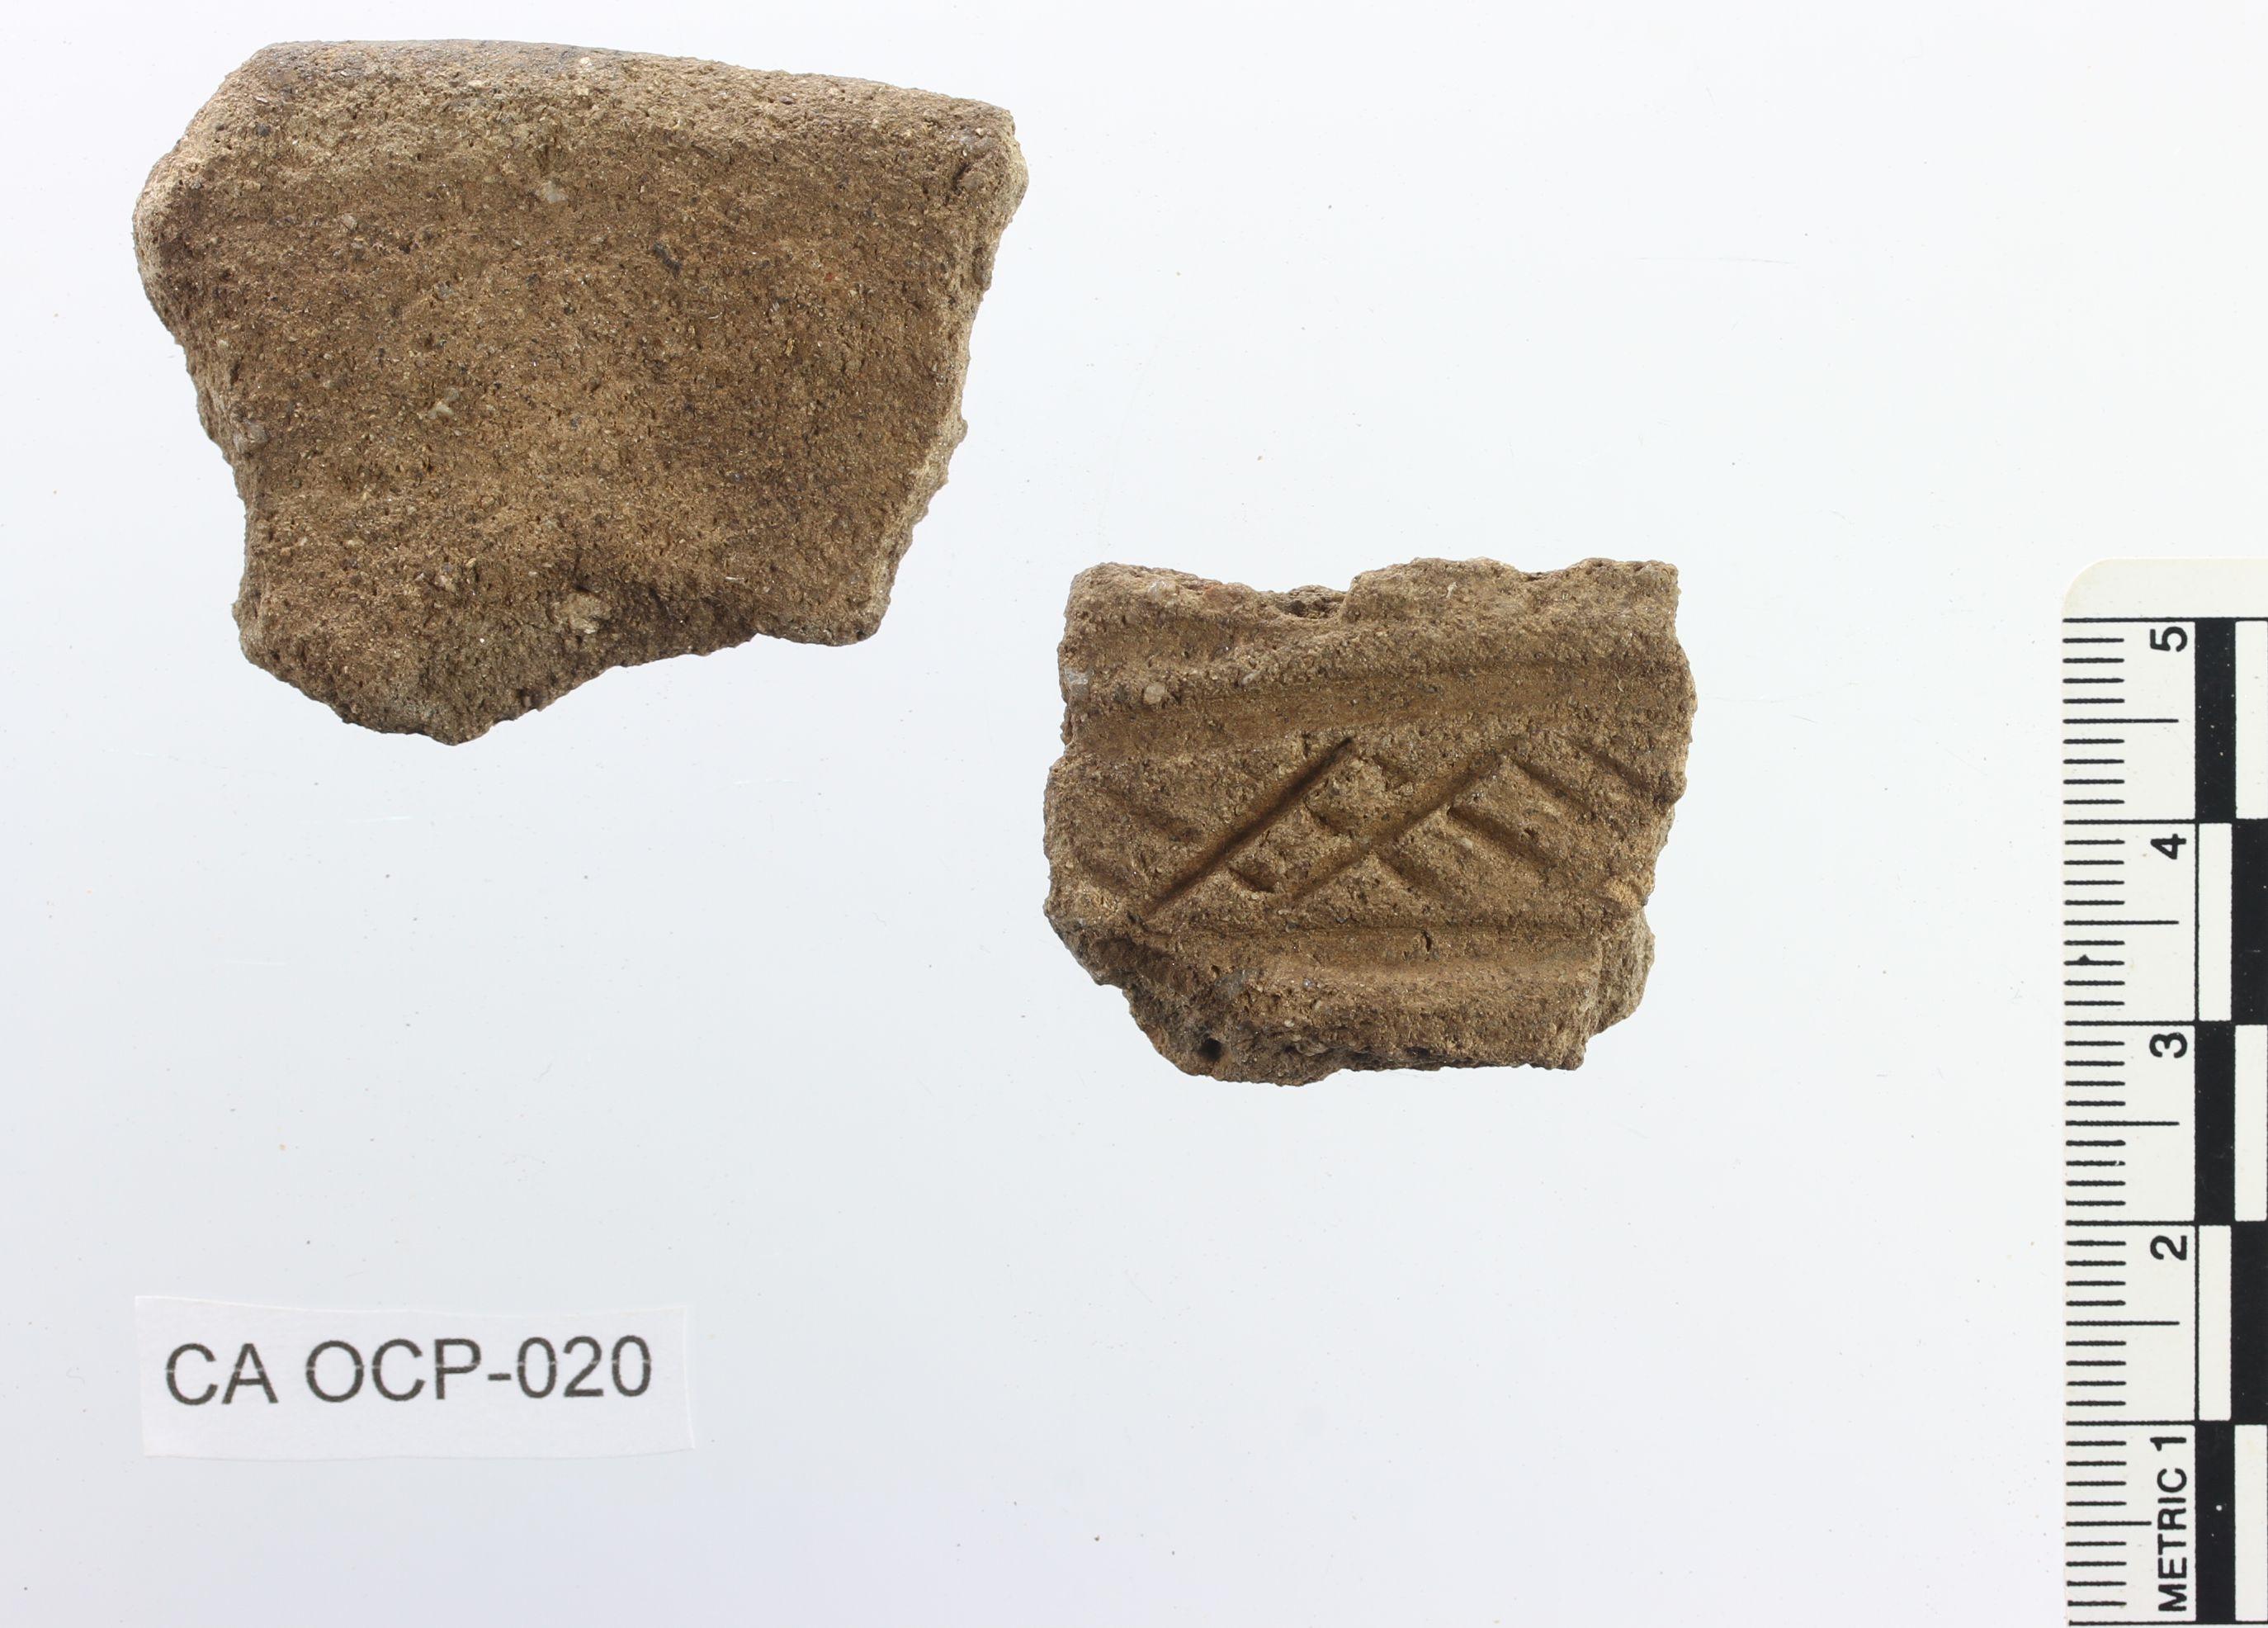 Transición 1ª-2ª Edad del Hierro. Olla con decoración incisa. O Cepo (San Cibrao de Viñas, Ourense)